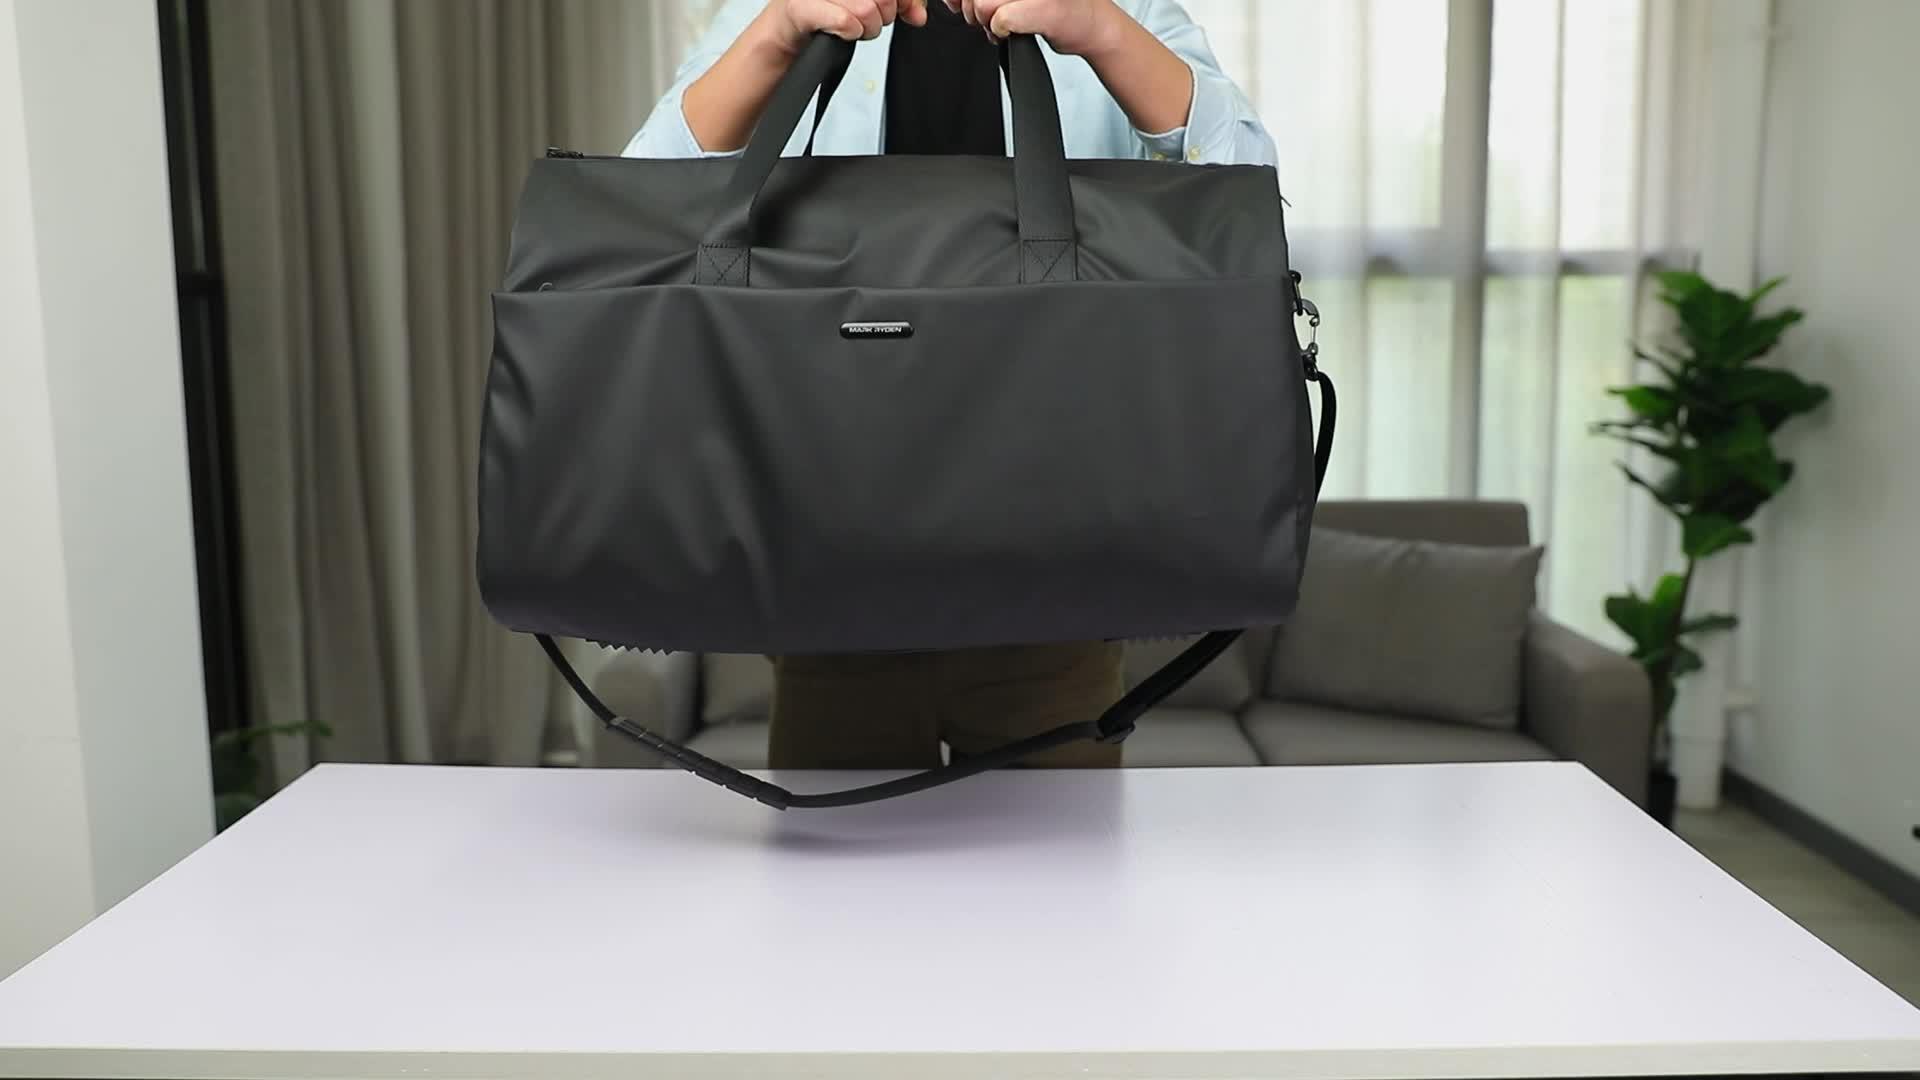 סימן Ryden גדול קיבולת עסקי חליפת נסיעות לשמירת תיק גברים